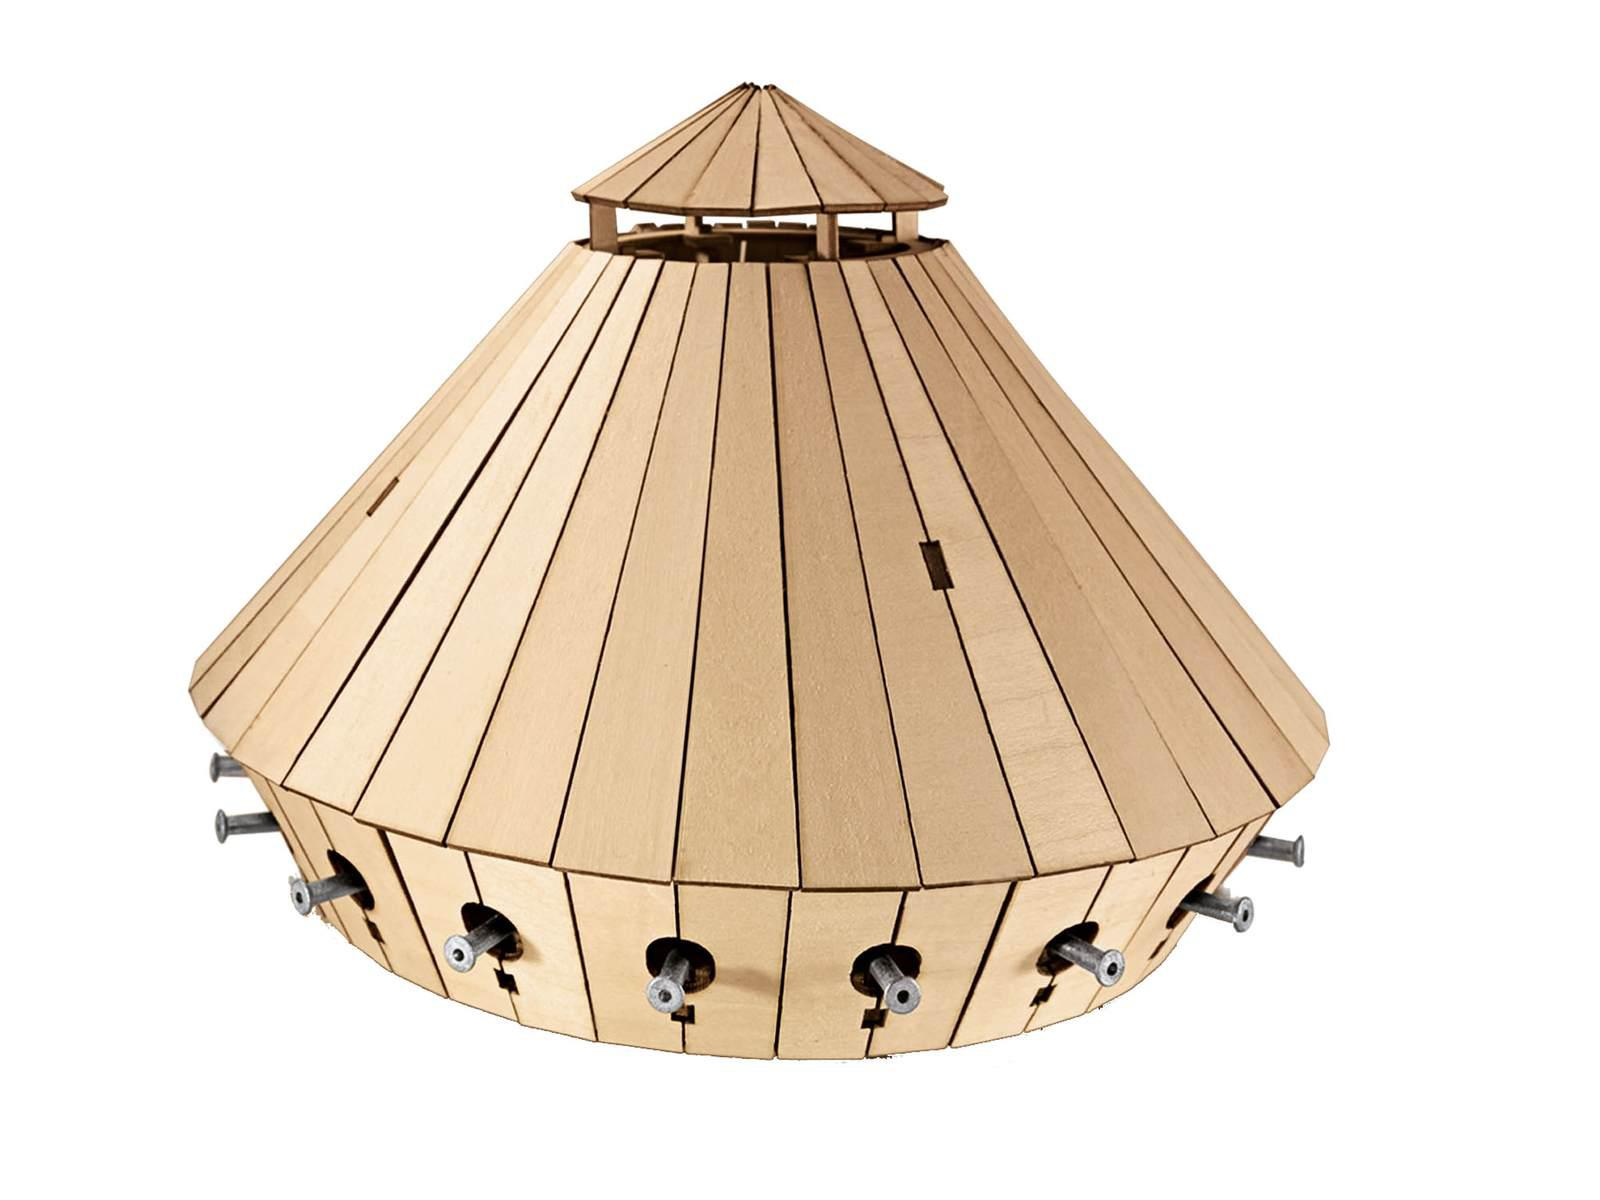 revell maquette en bois char d 39 assaut l onard de vinci chelle 1 24. Black Bedroom Furniture Sets. Home Design Ideas